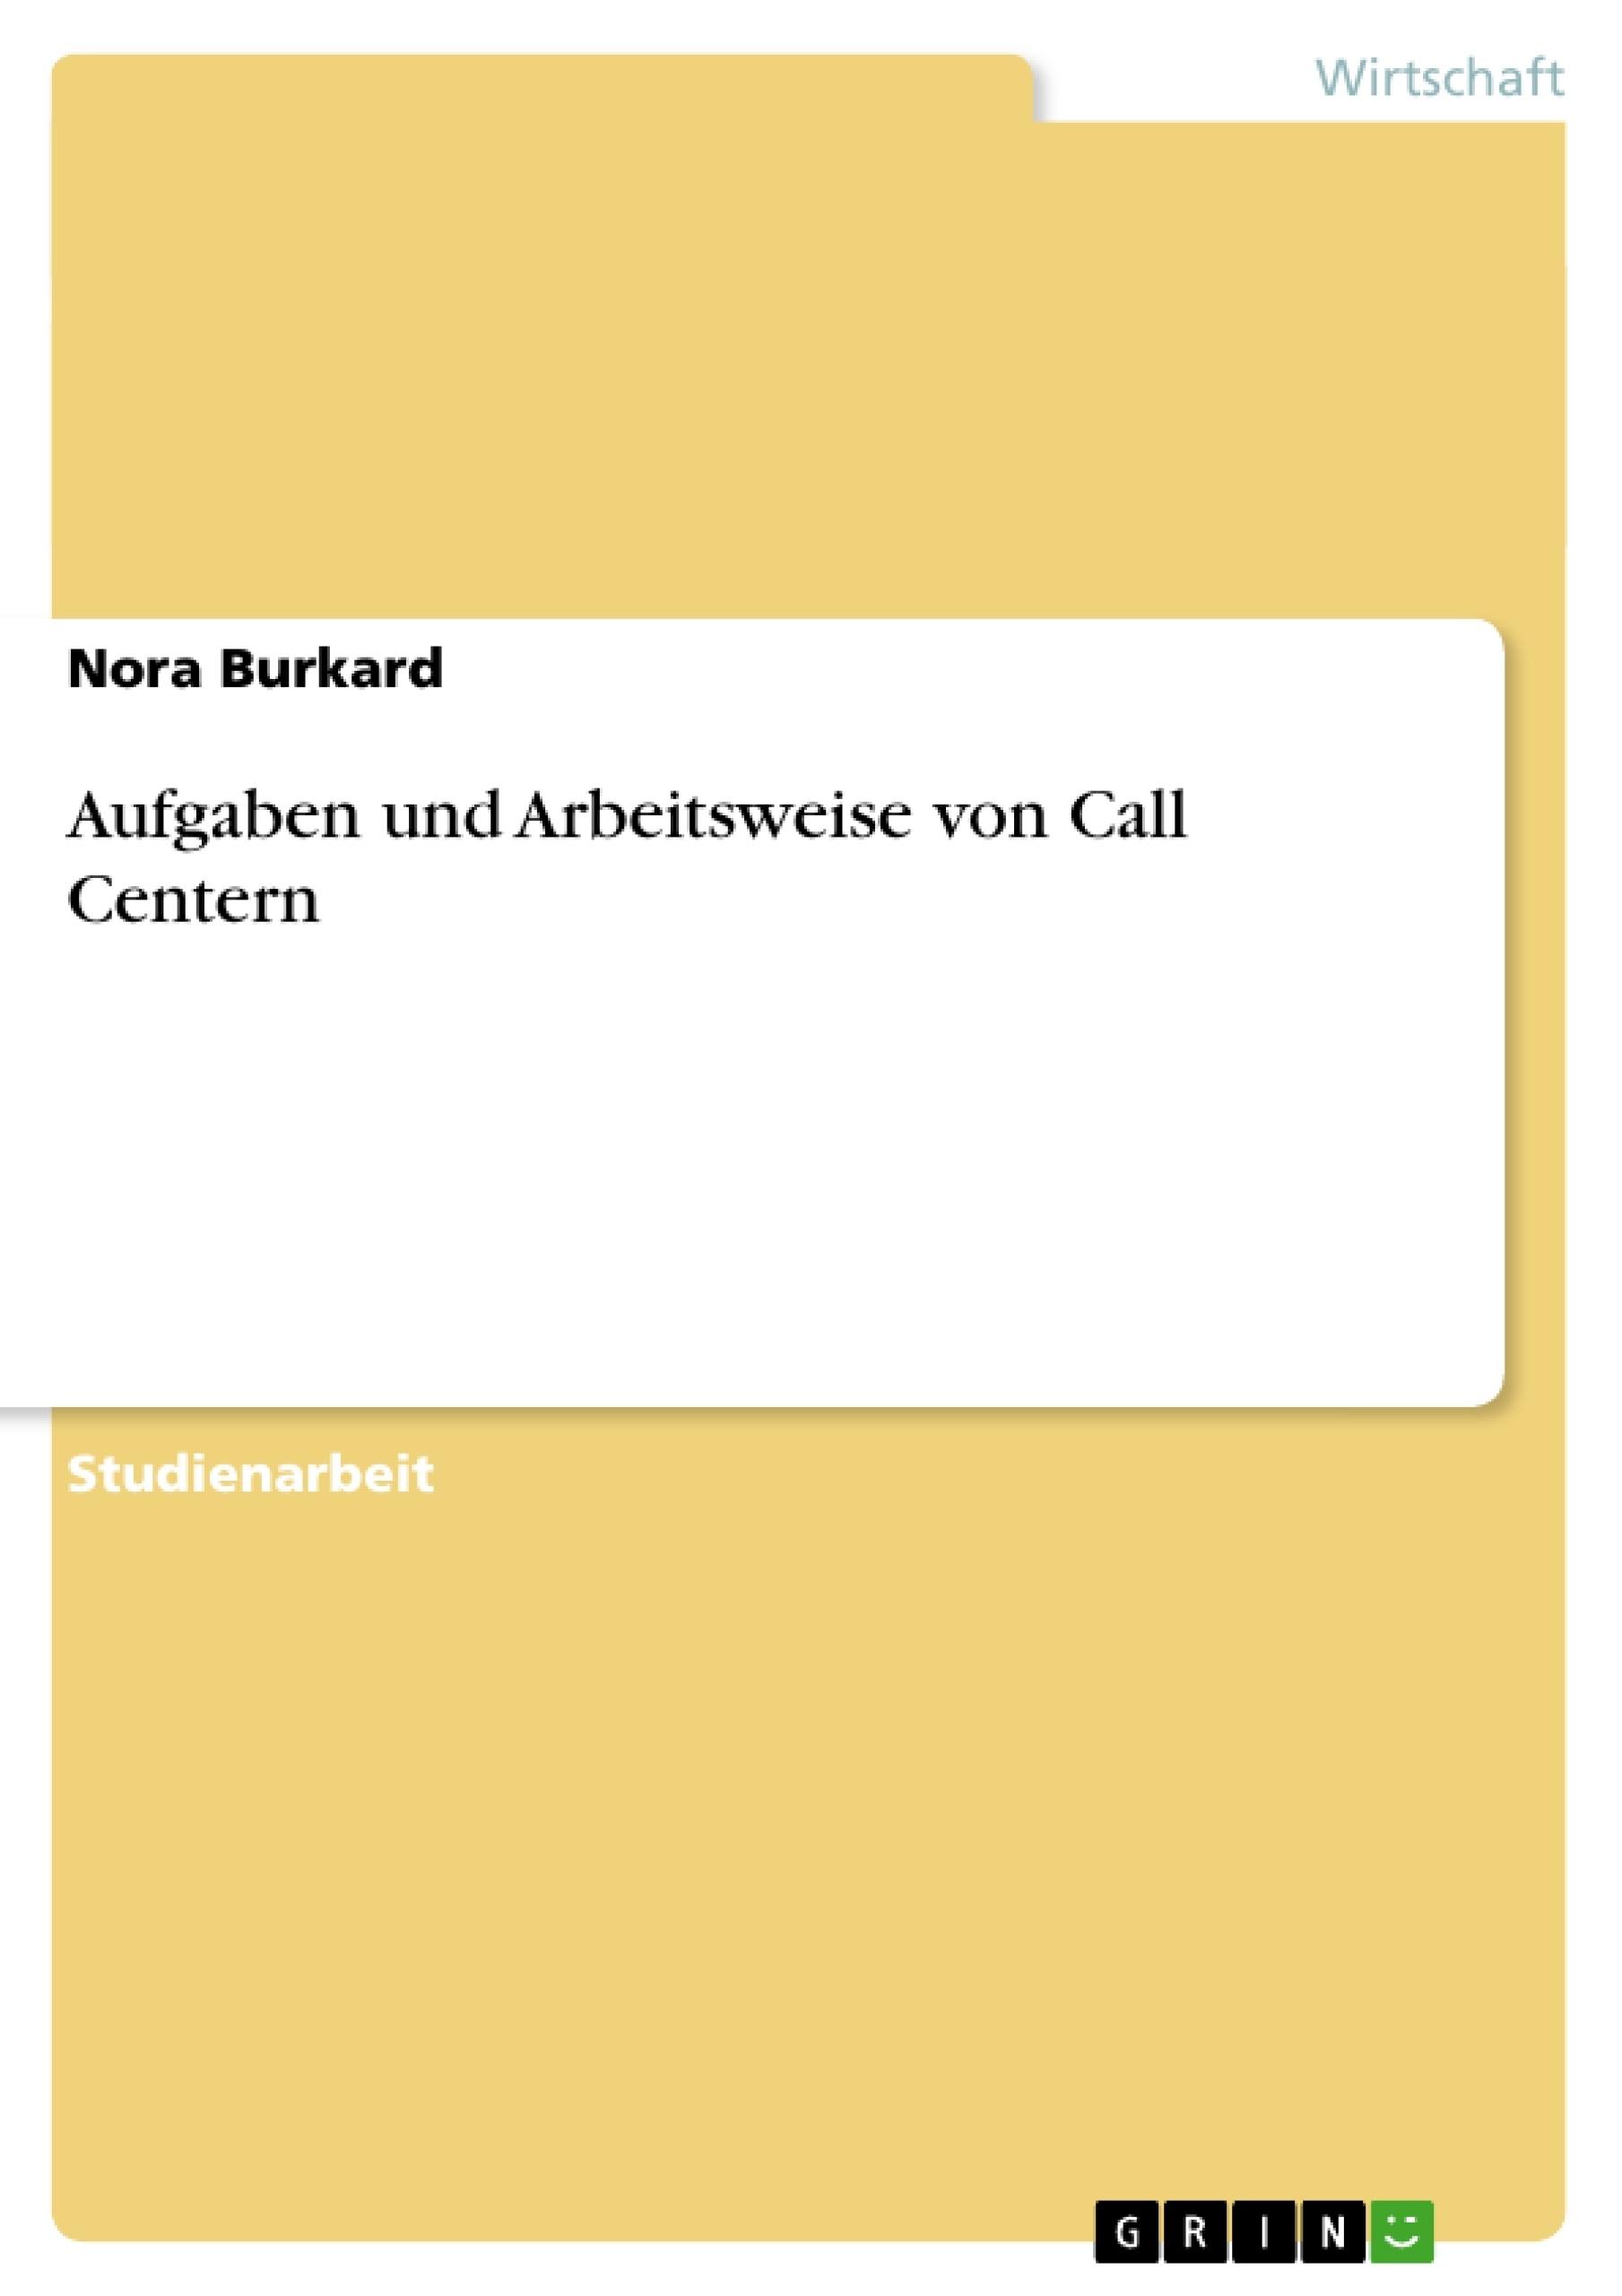 Titel: Aufgaben und Arbeitsweise von Call Centern